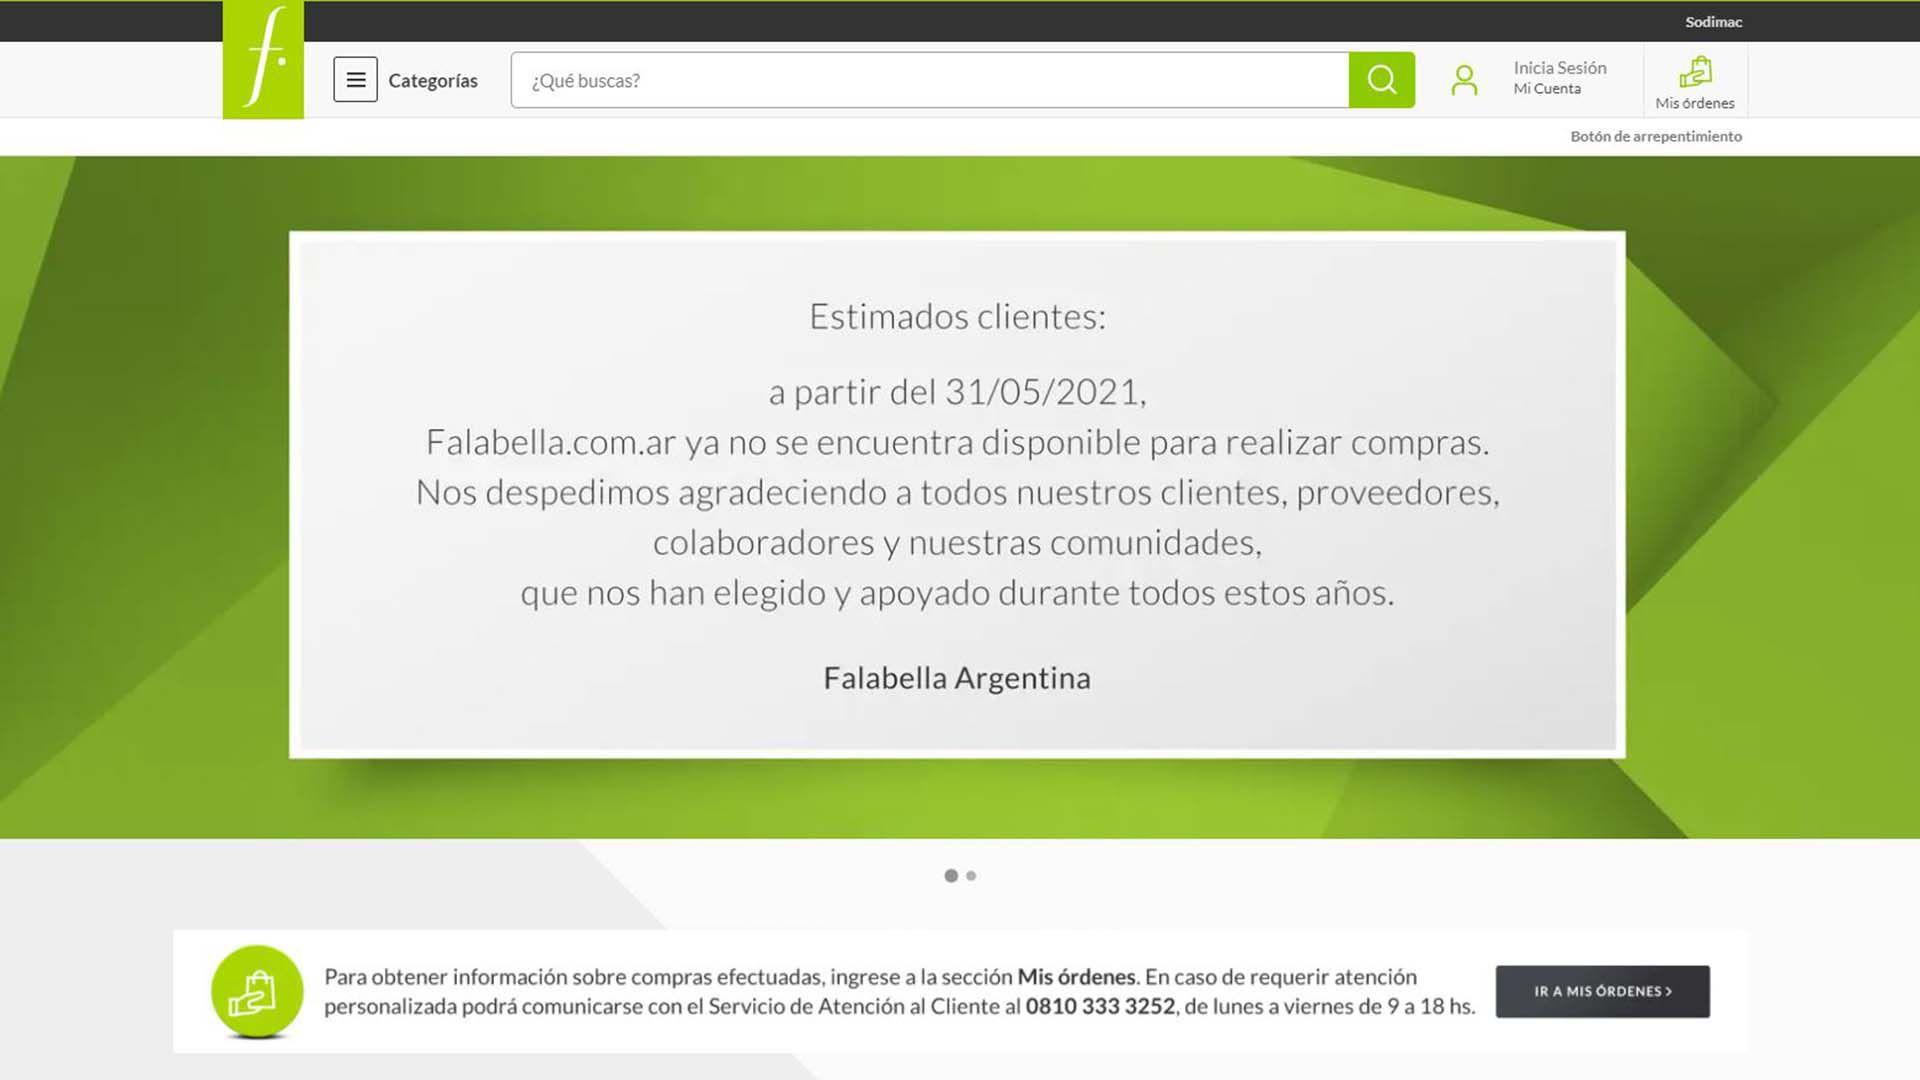 Falabella argentina - se despide en la web